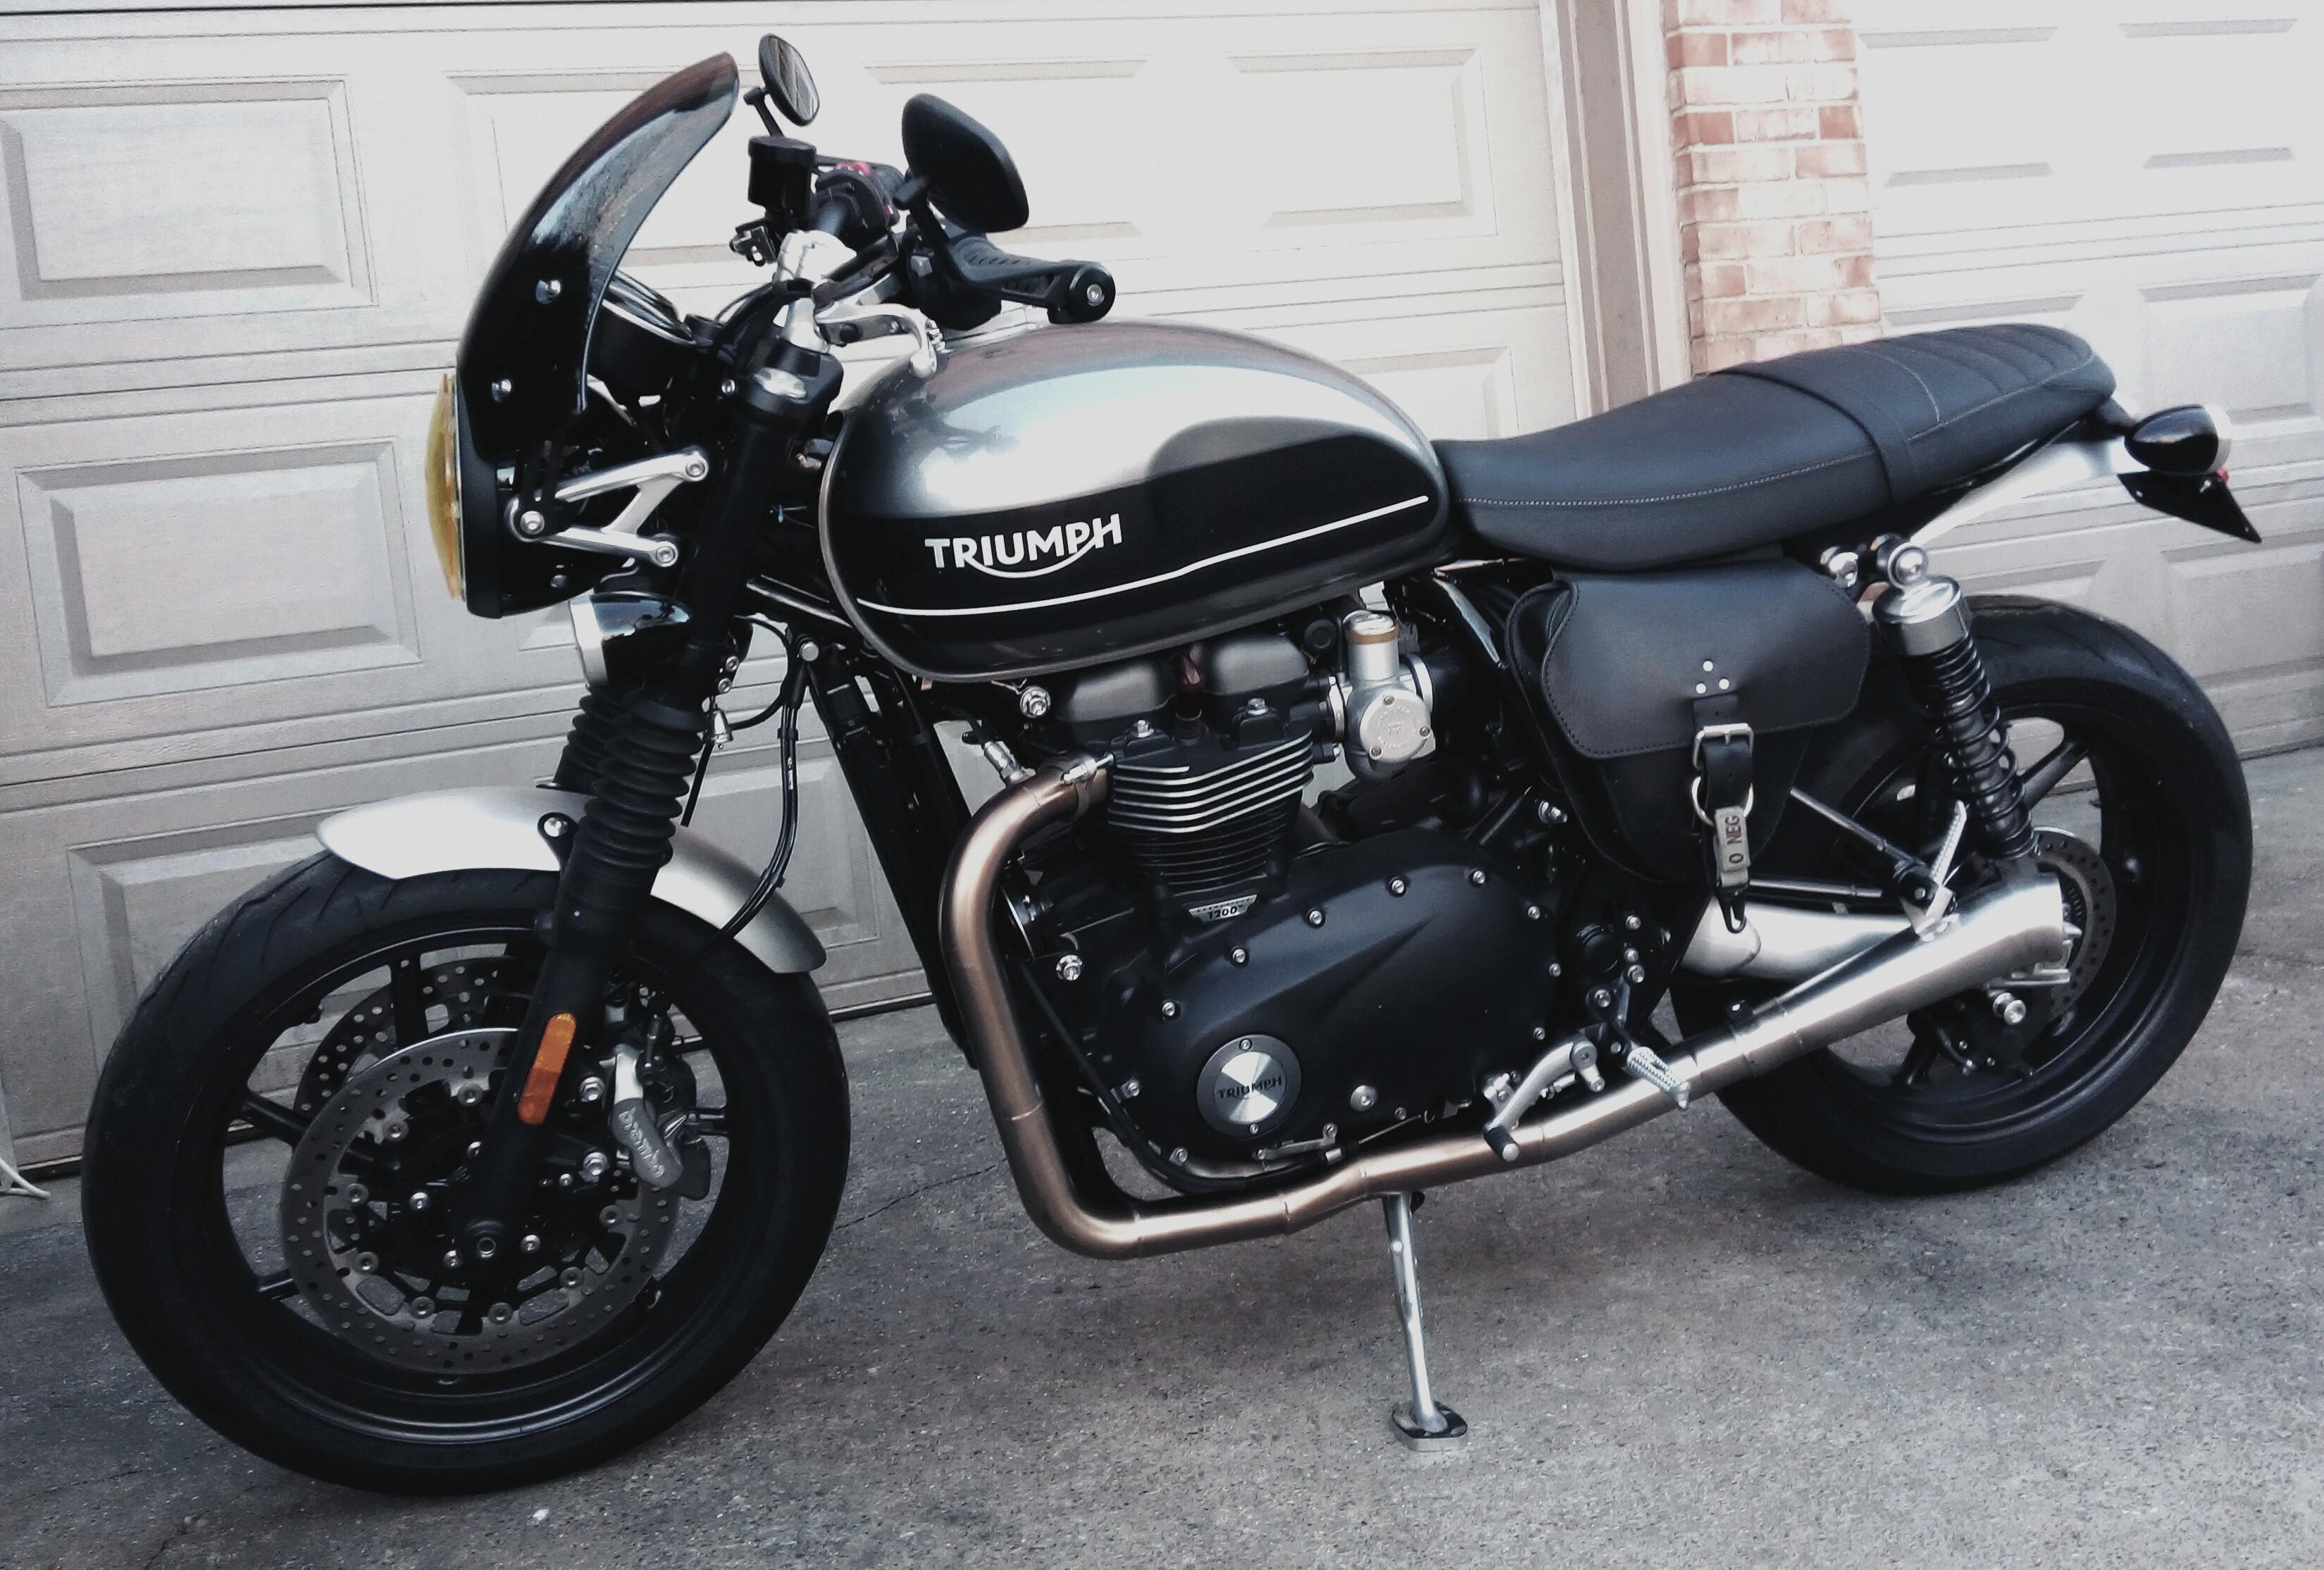 2019 Triumph Spd Twn_STG-1.jpg